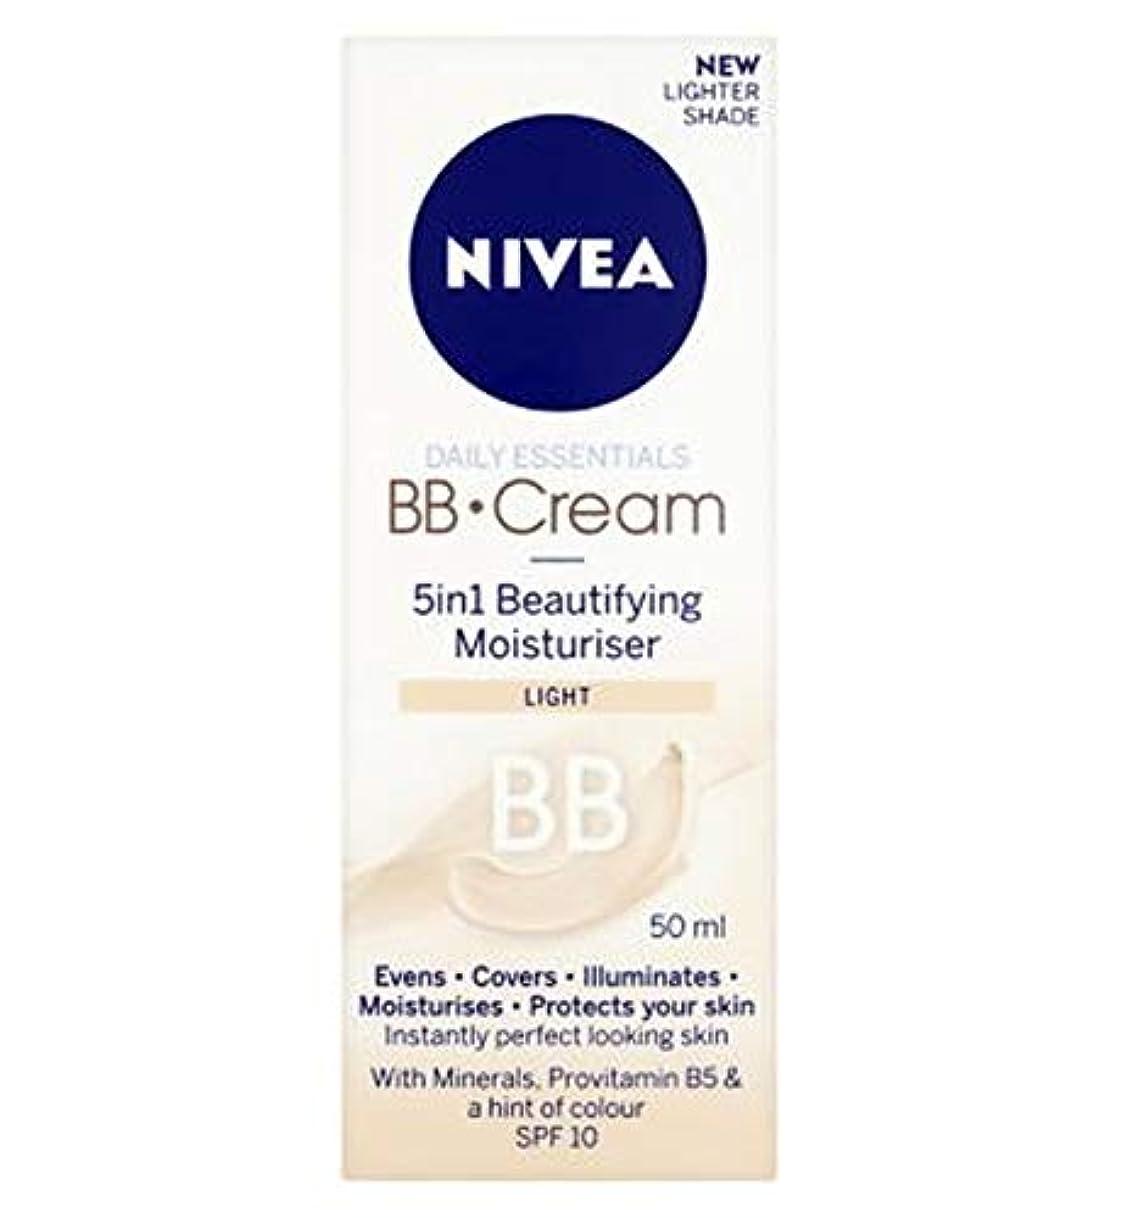 ソーシャル麻酔薬暴徒[Nivea ] 1つの美容保湿光50ミリリットルでNivea?日常必需品のBbクリーム5 - Nivea? Daily Essentials Bb Cream 5 In 1 Beautifying Moisturiser...